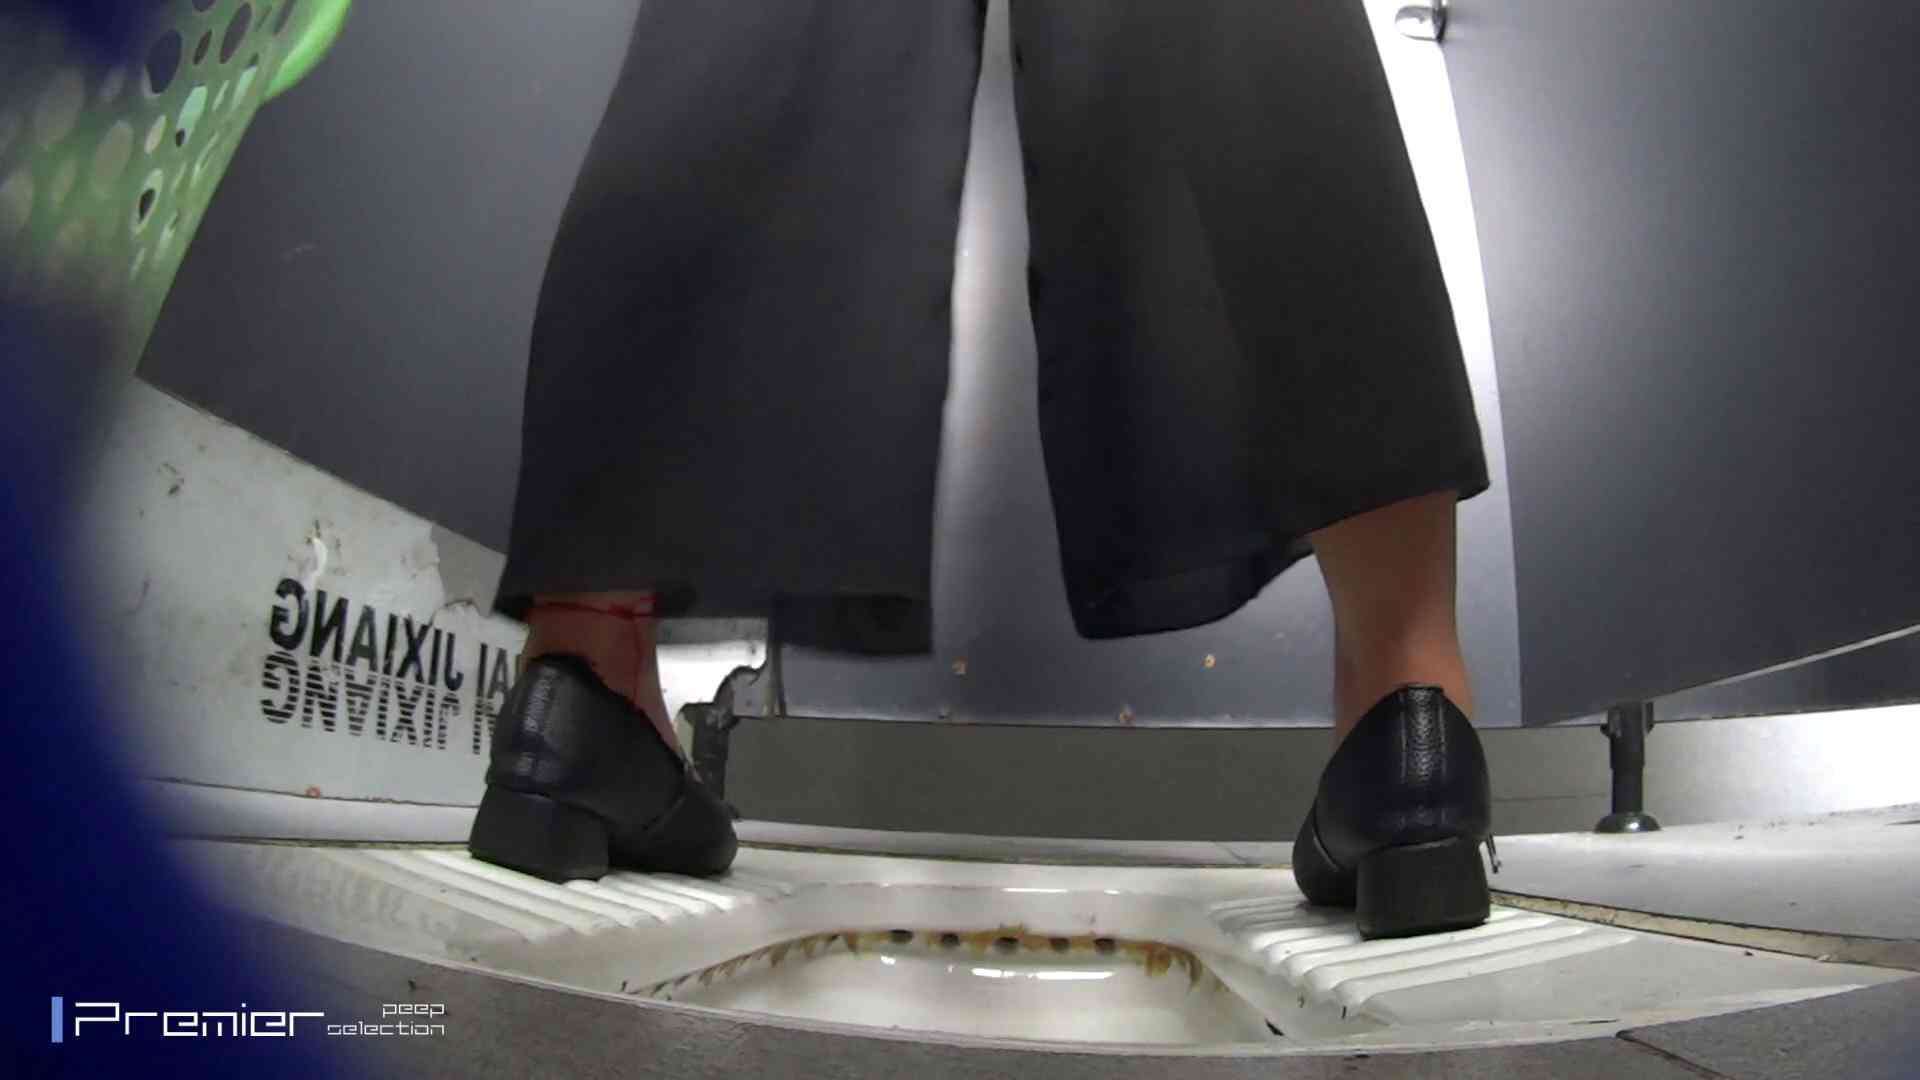 夏全開!ハーフパンツのギャル達 大学休憩時間の洗面所事情44 美女のボディ 戯れ無修正画像 70PIX 11